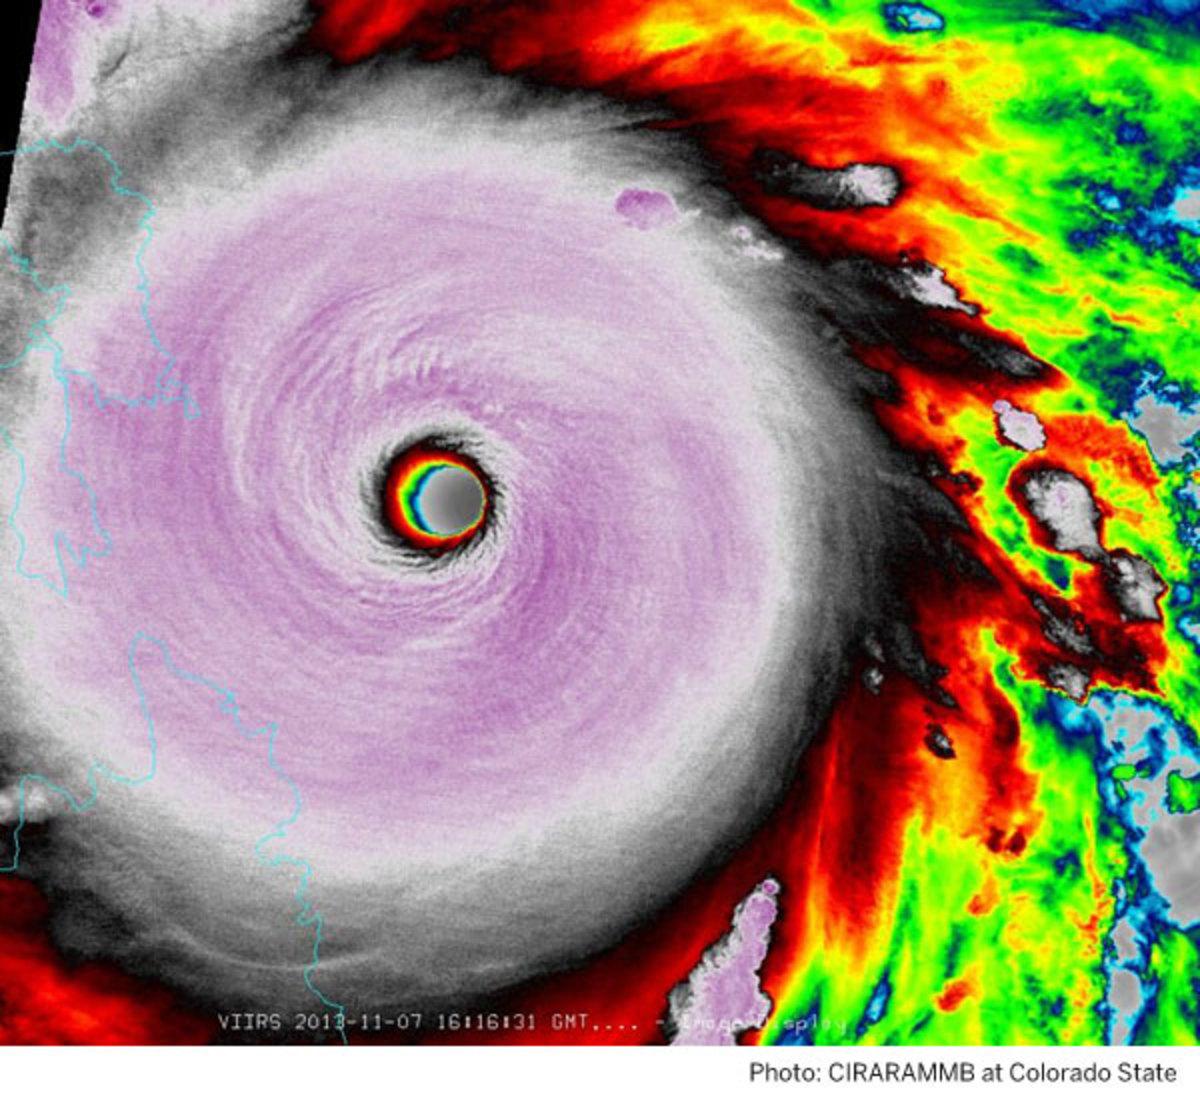 Typhoon image from CIRARAMMB-at-Colorado-State